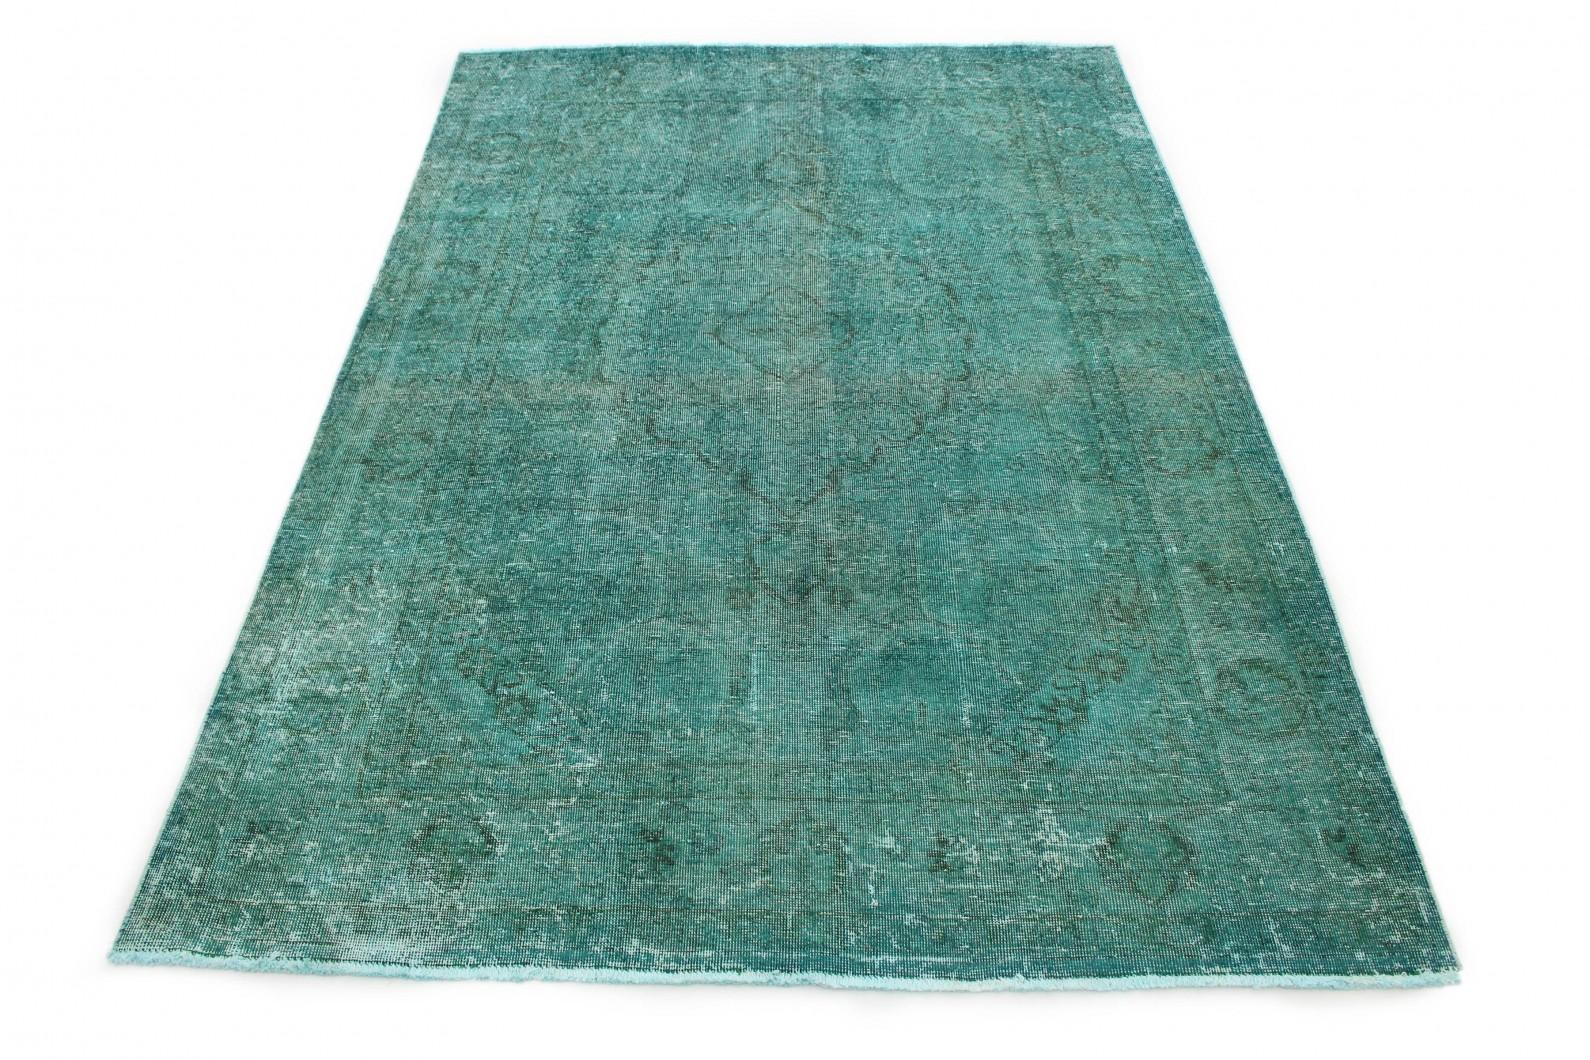 Vintage Teppich Türkis in 290x200 (1 / 6)